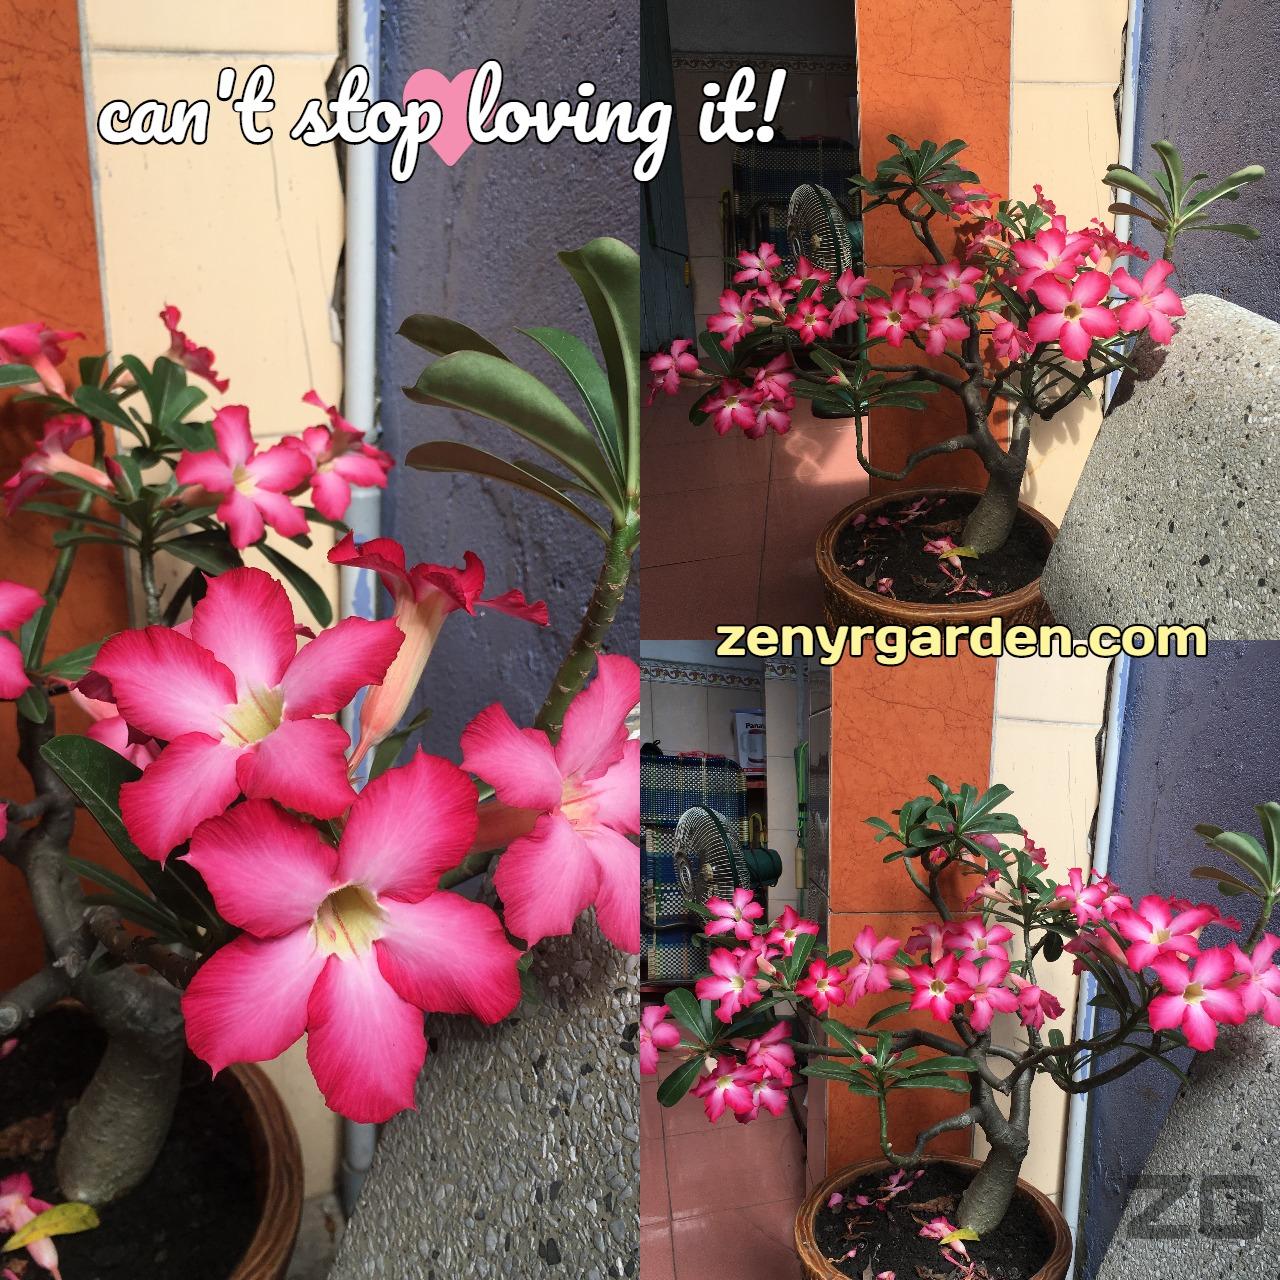 adenium-obesum-desert-rose-flower-zenyrgarden